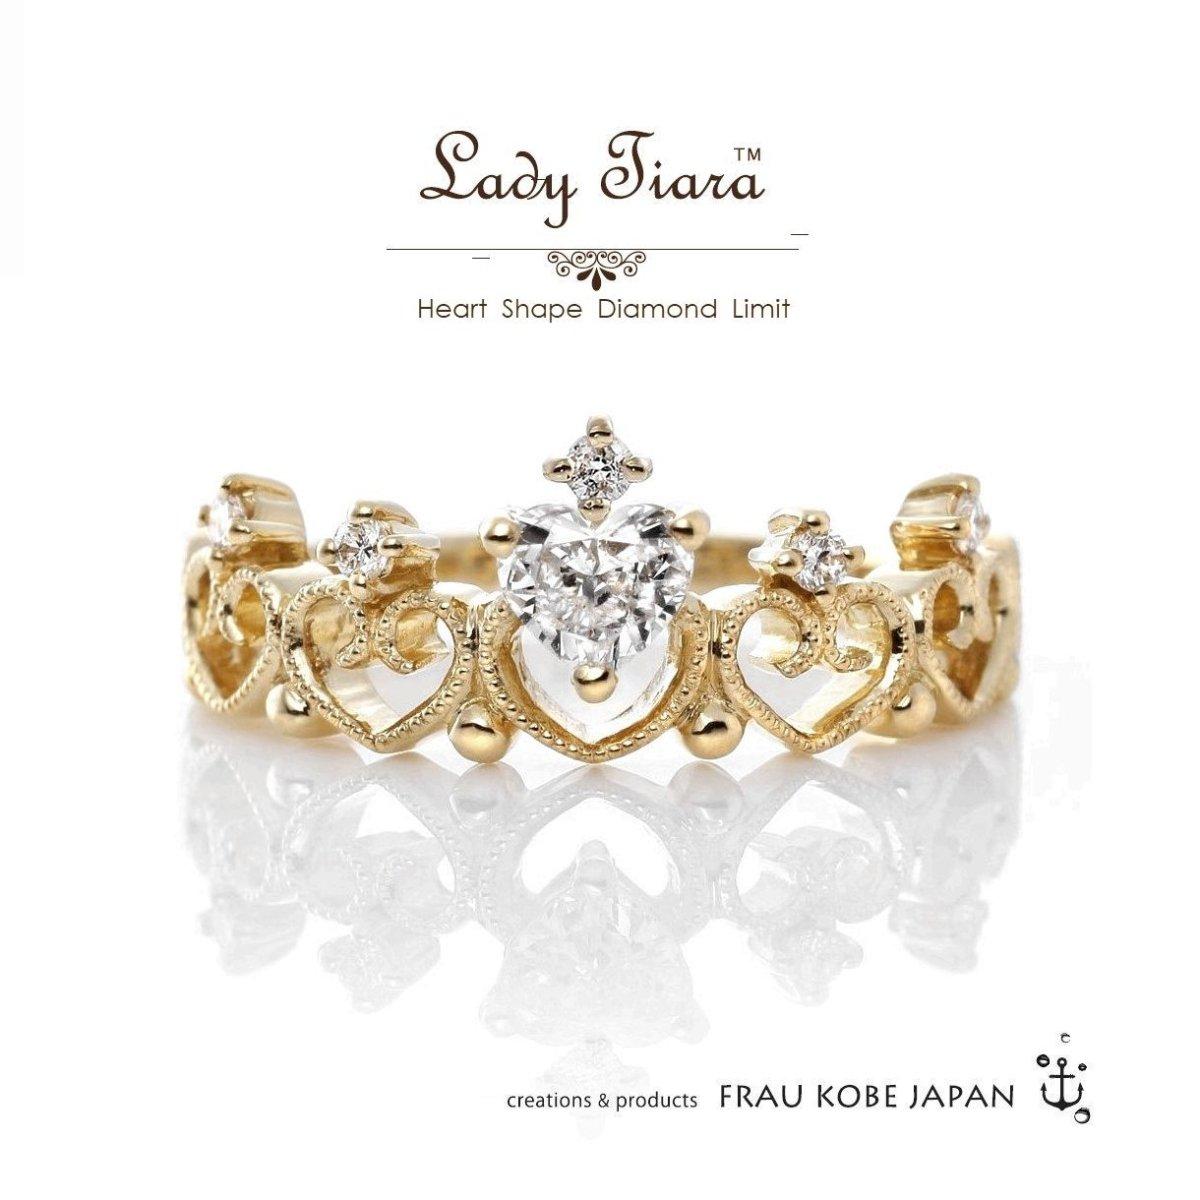 【限定制作】Lady Tiara / ブリティッシュスタイル ハートダイアモンドリング